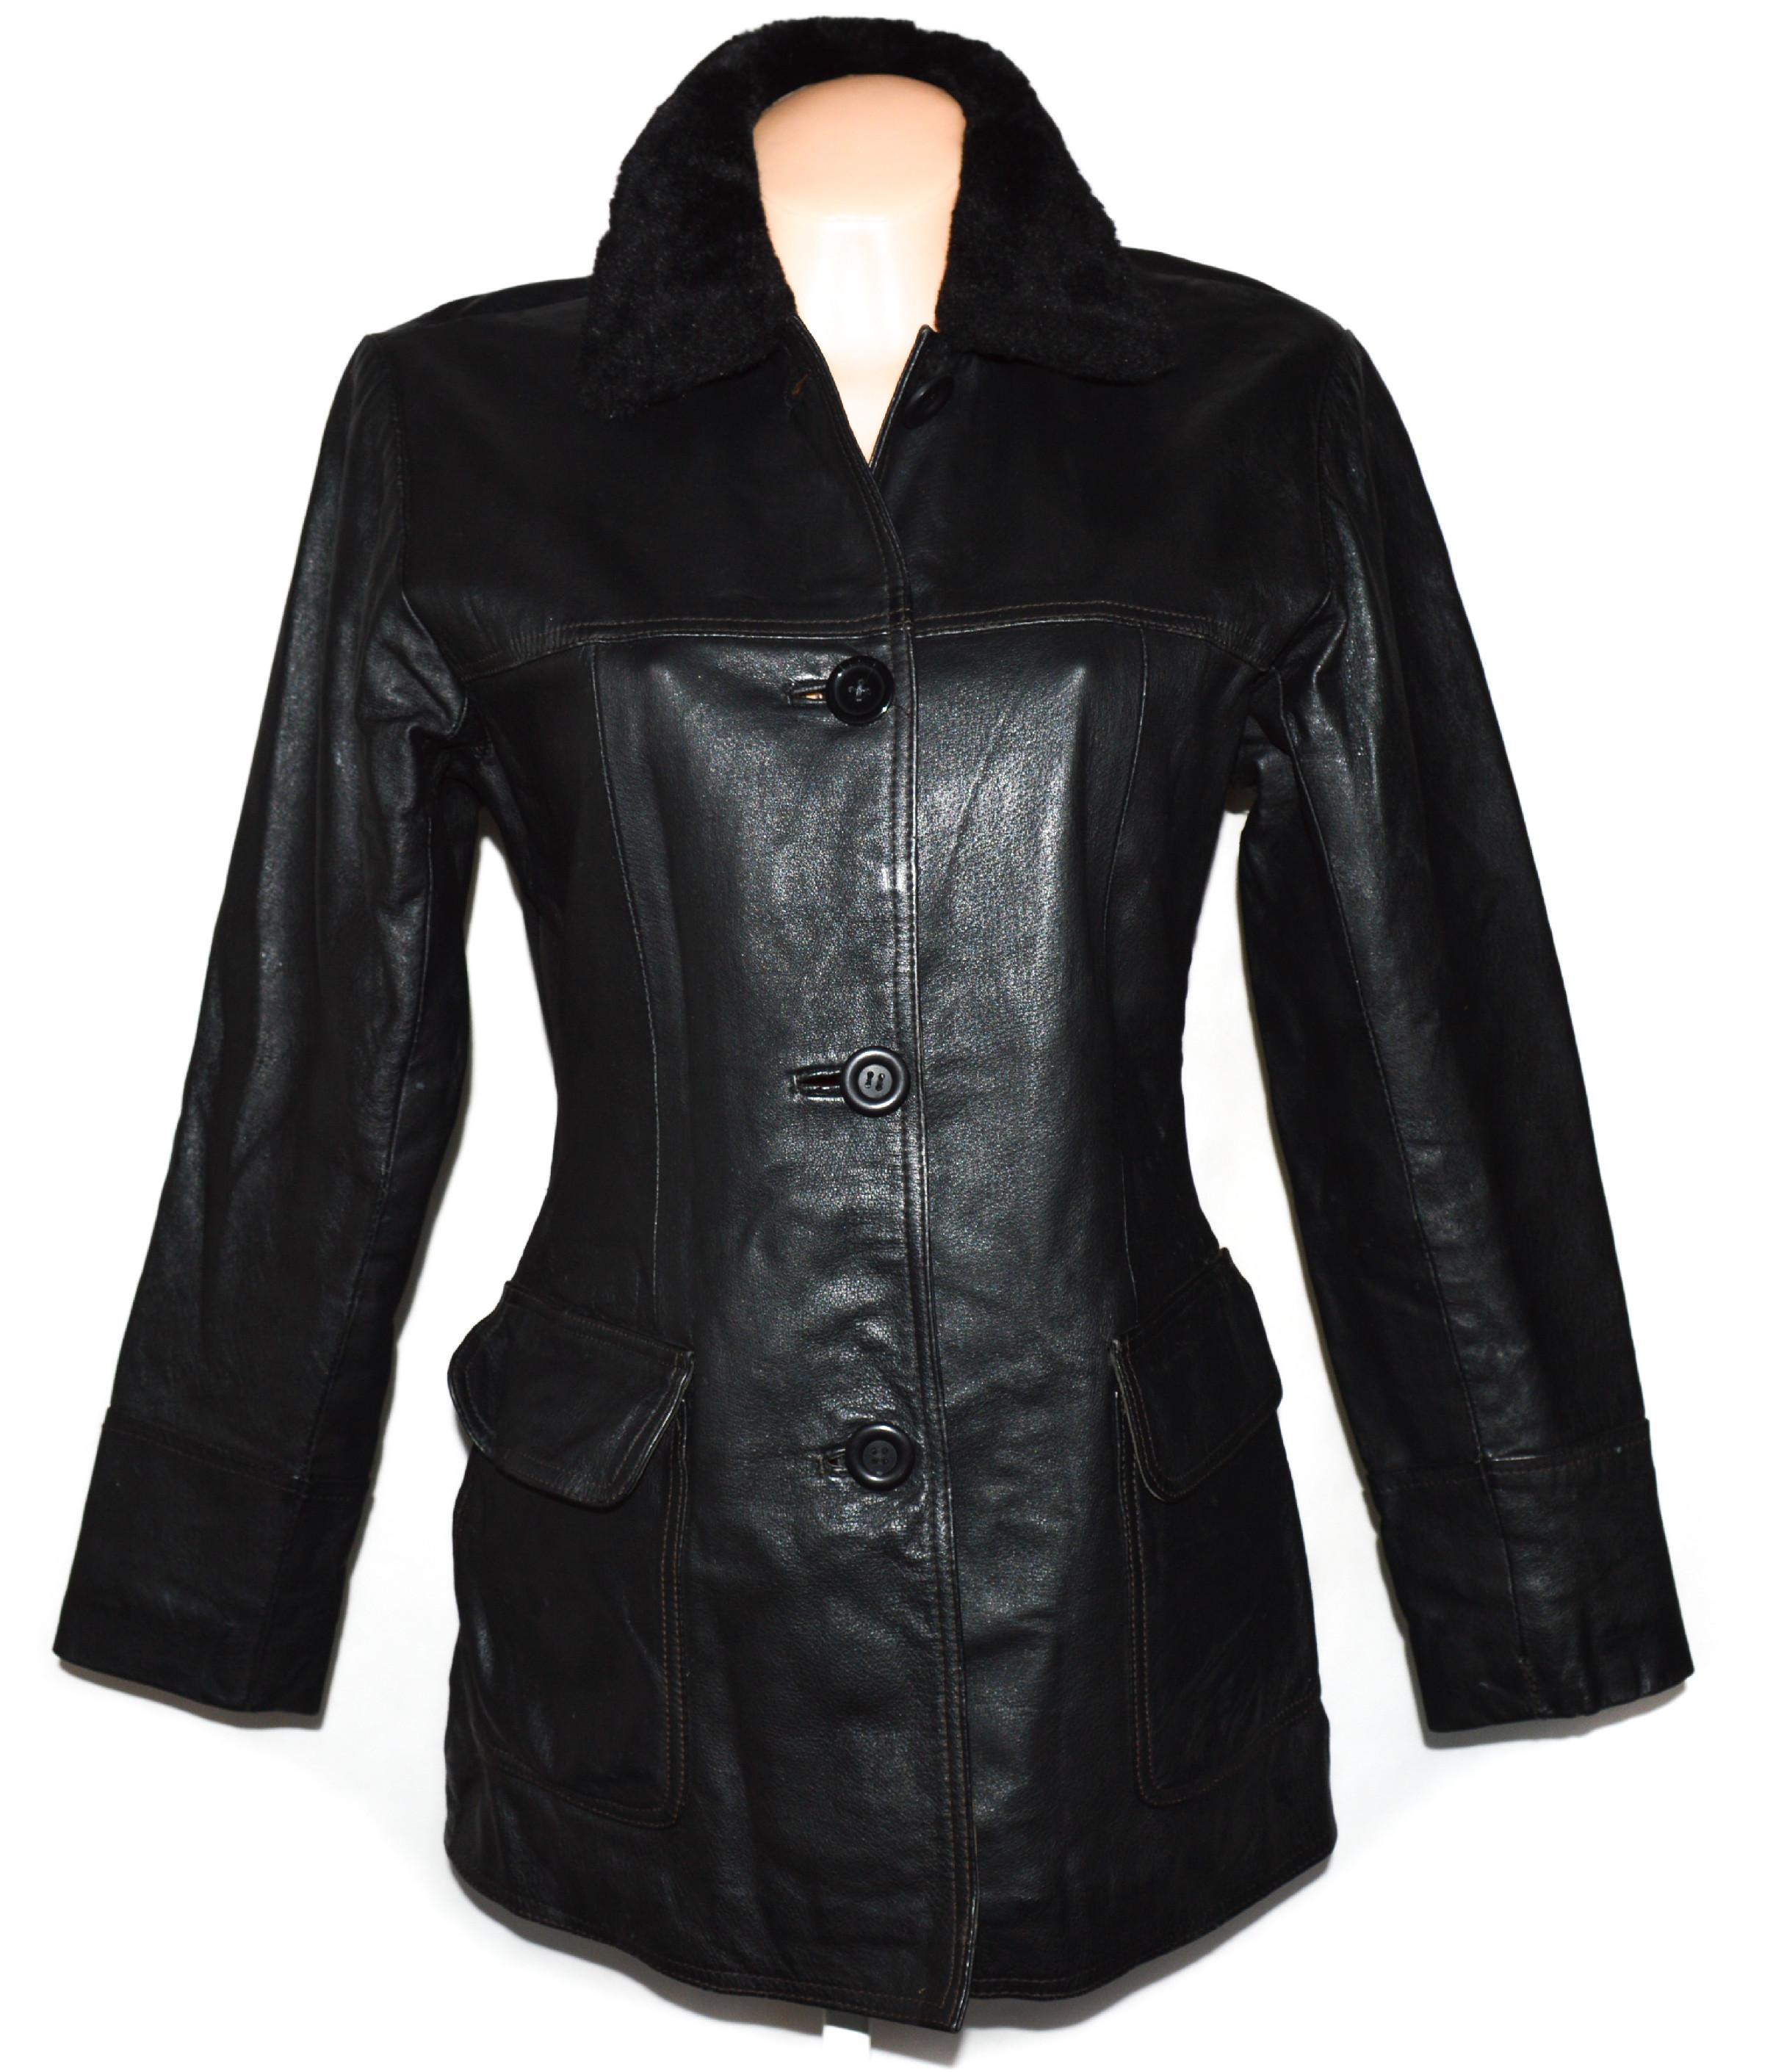 KOŽENÝ dámský černý kabát s kožíškem Outer Edge S